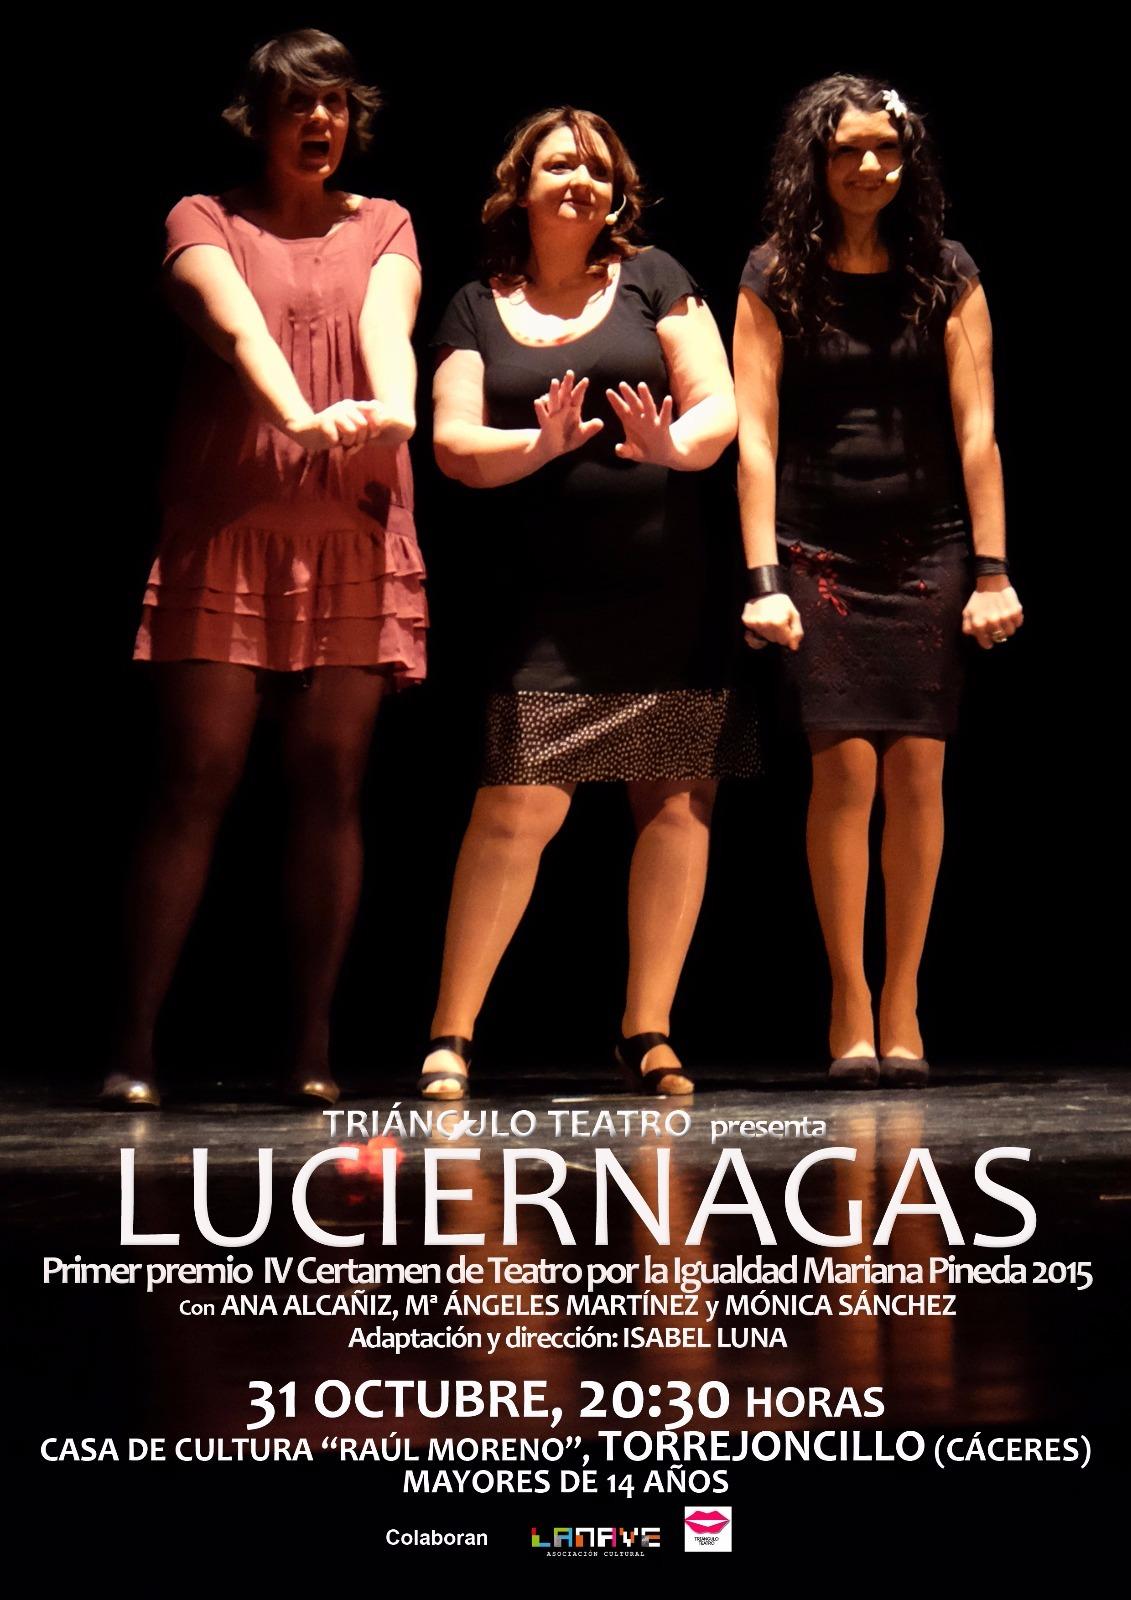 Luciernagas, de Triángulo Teatro